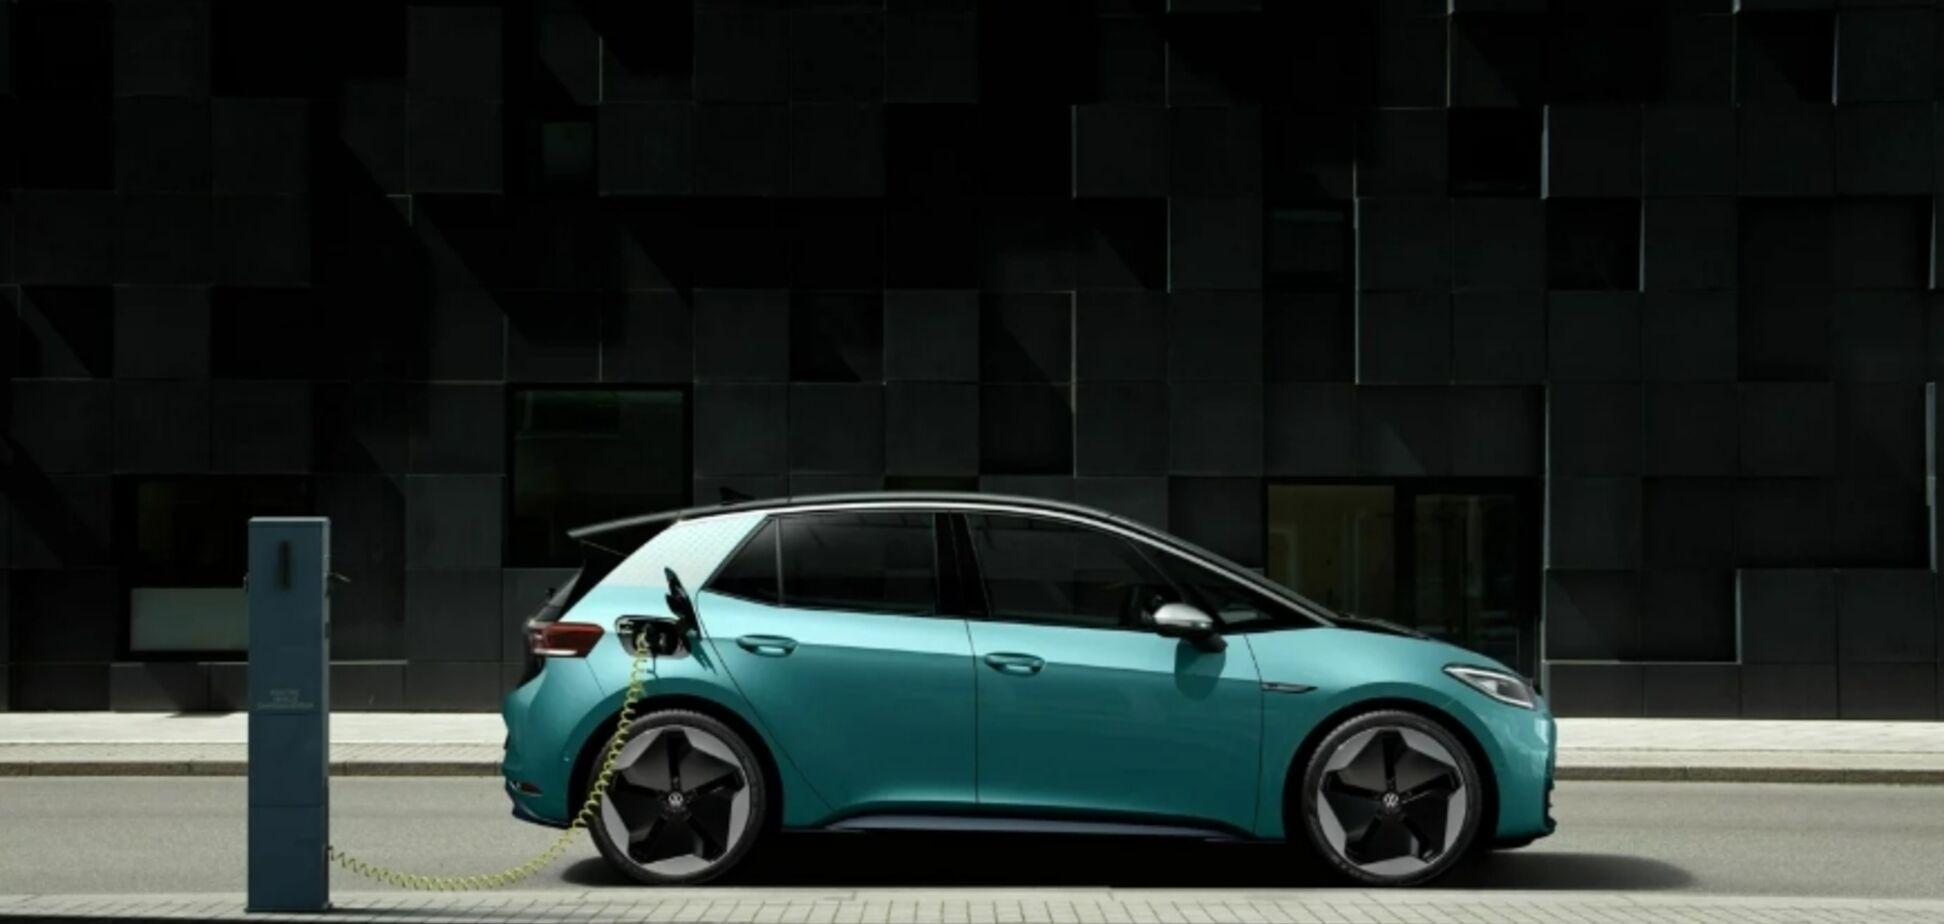 Volkswagen показала электромобиль с 'дополненной реальностью'